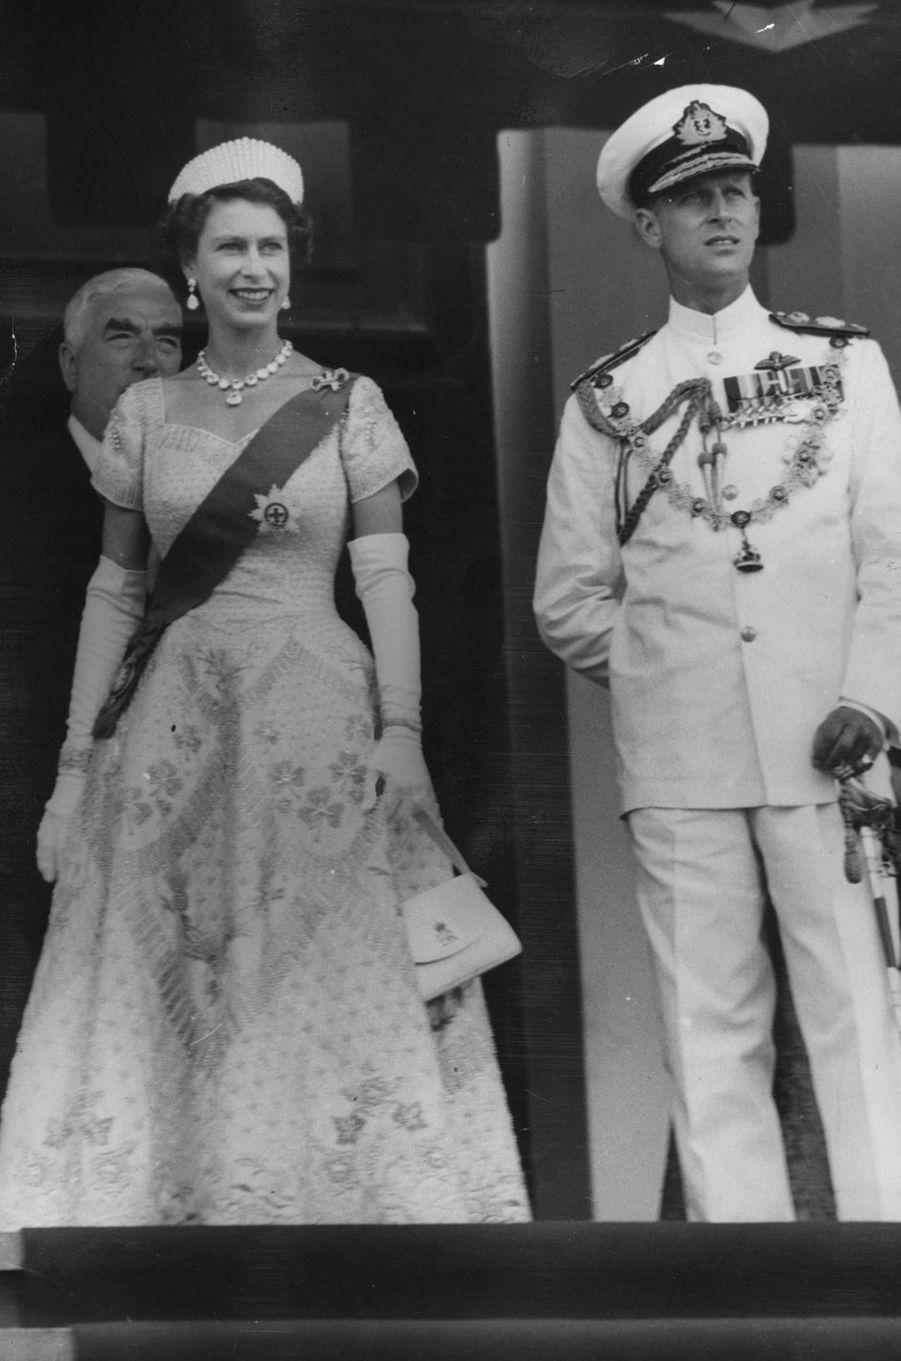 La reine Elizabeth II dans la robe de son couronnement à Canberra, le 22 février 1954